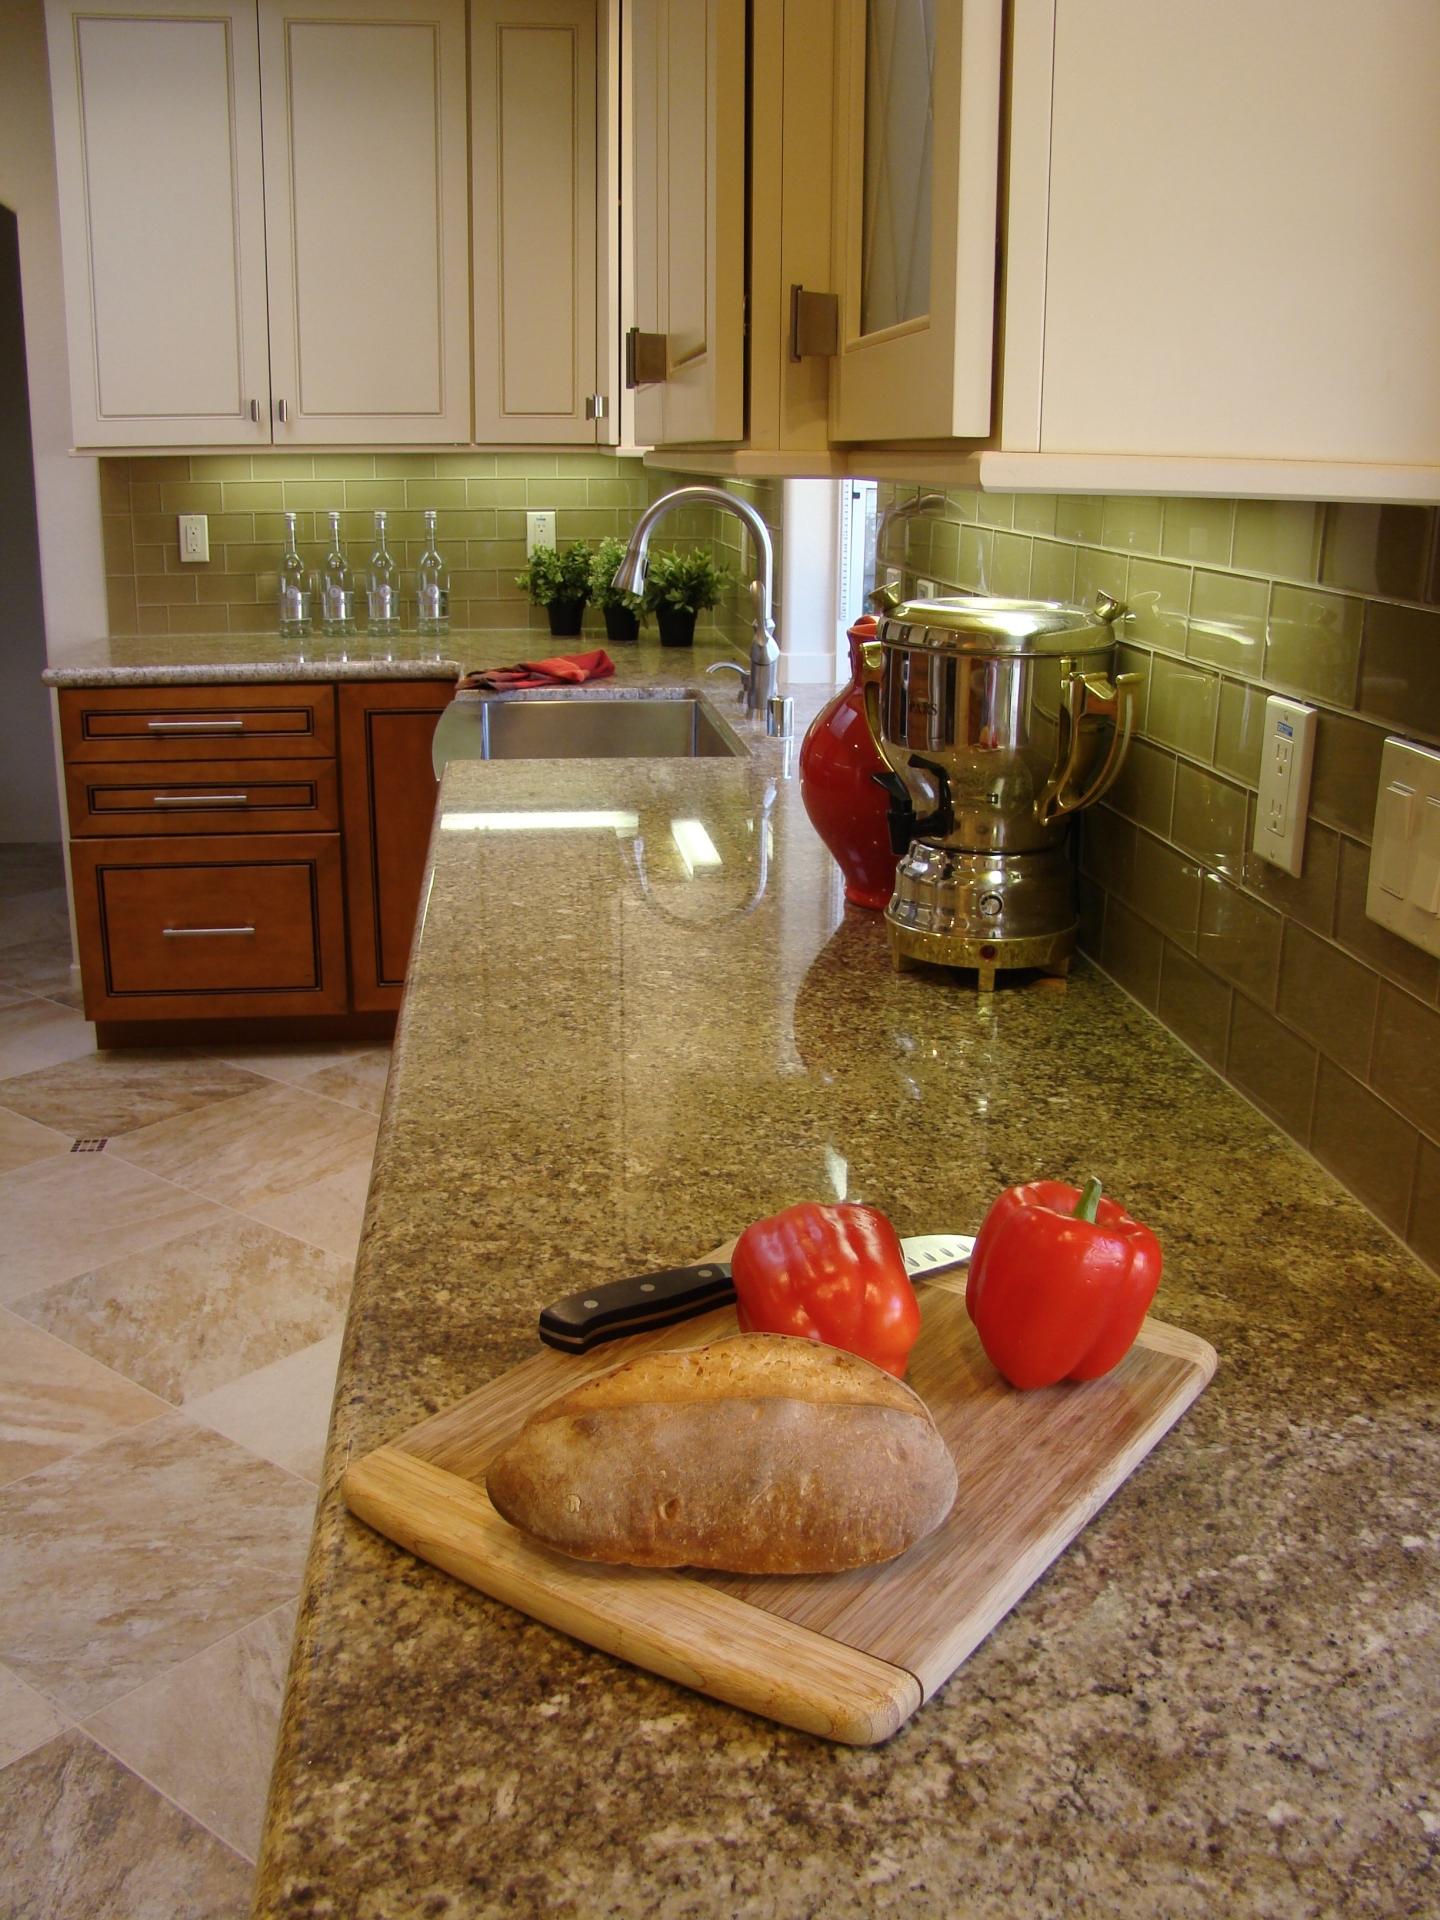 Fiorito Interior Design, interior design, remodel, kitchen, light and dark cabinetry, granite counter